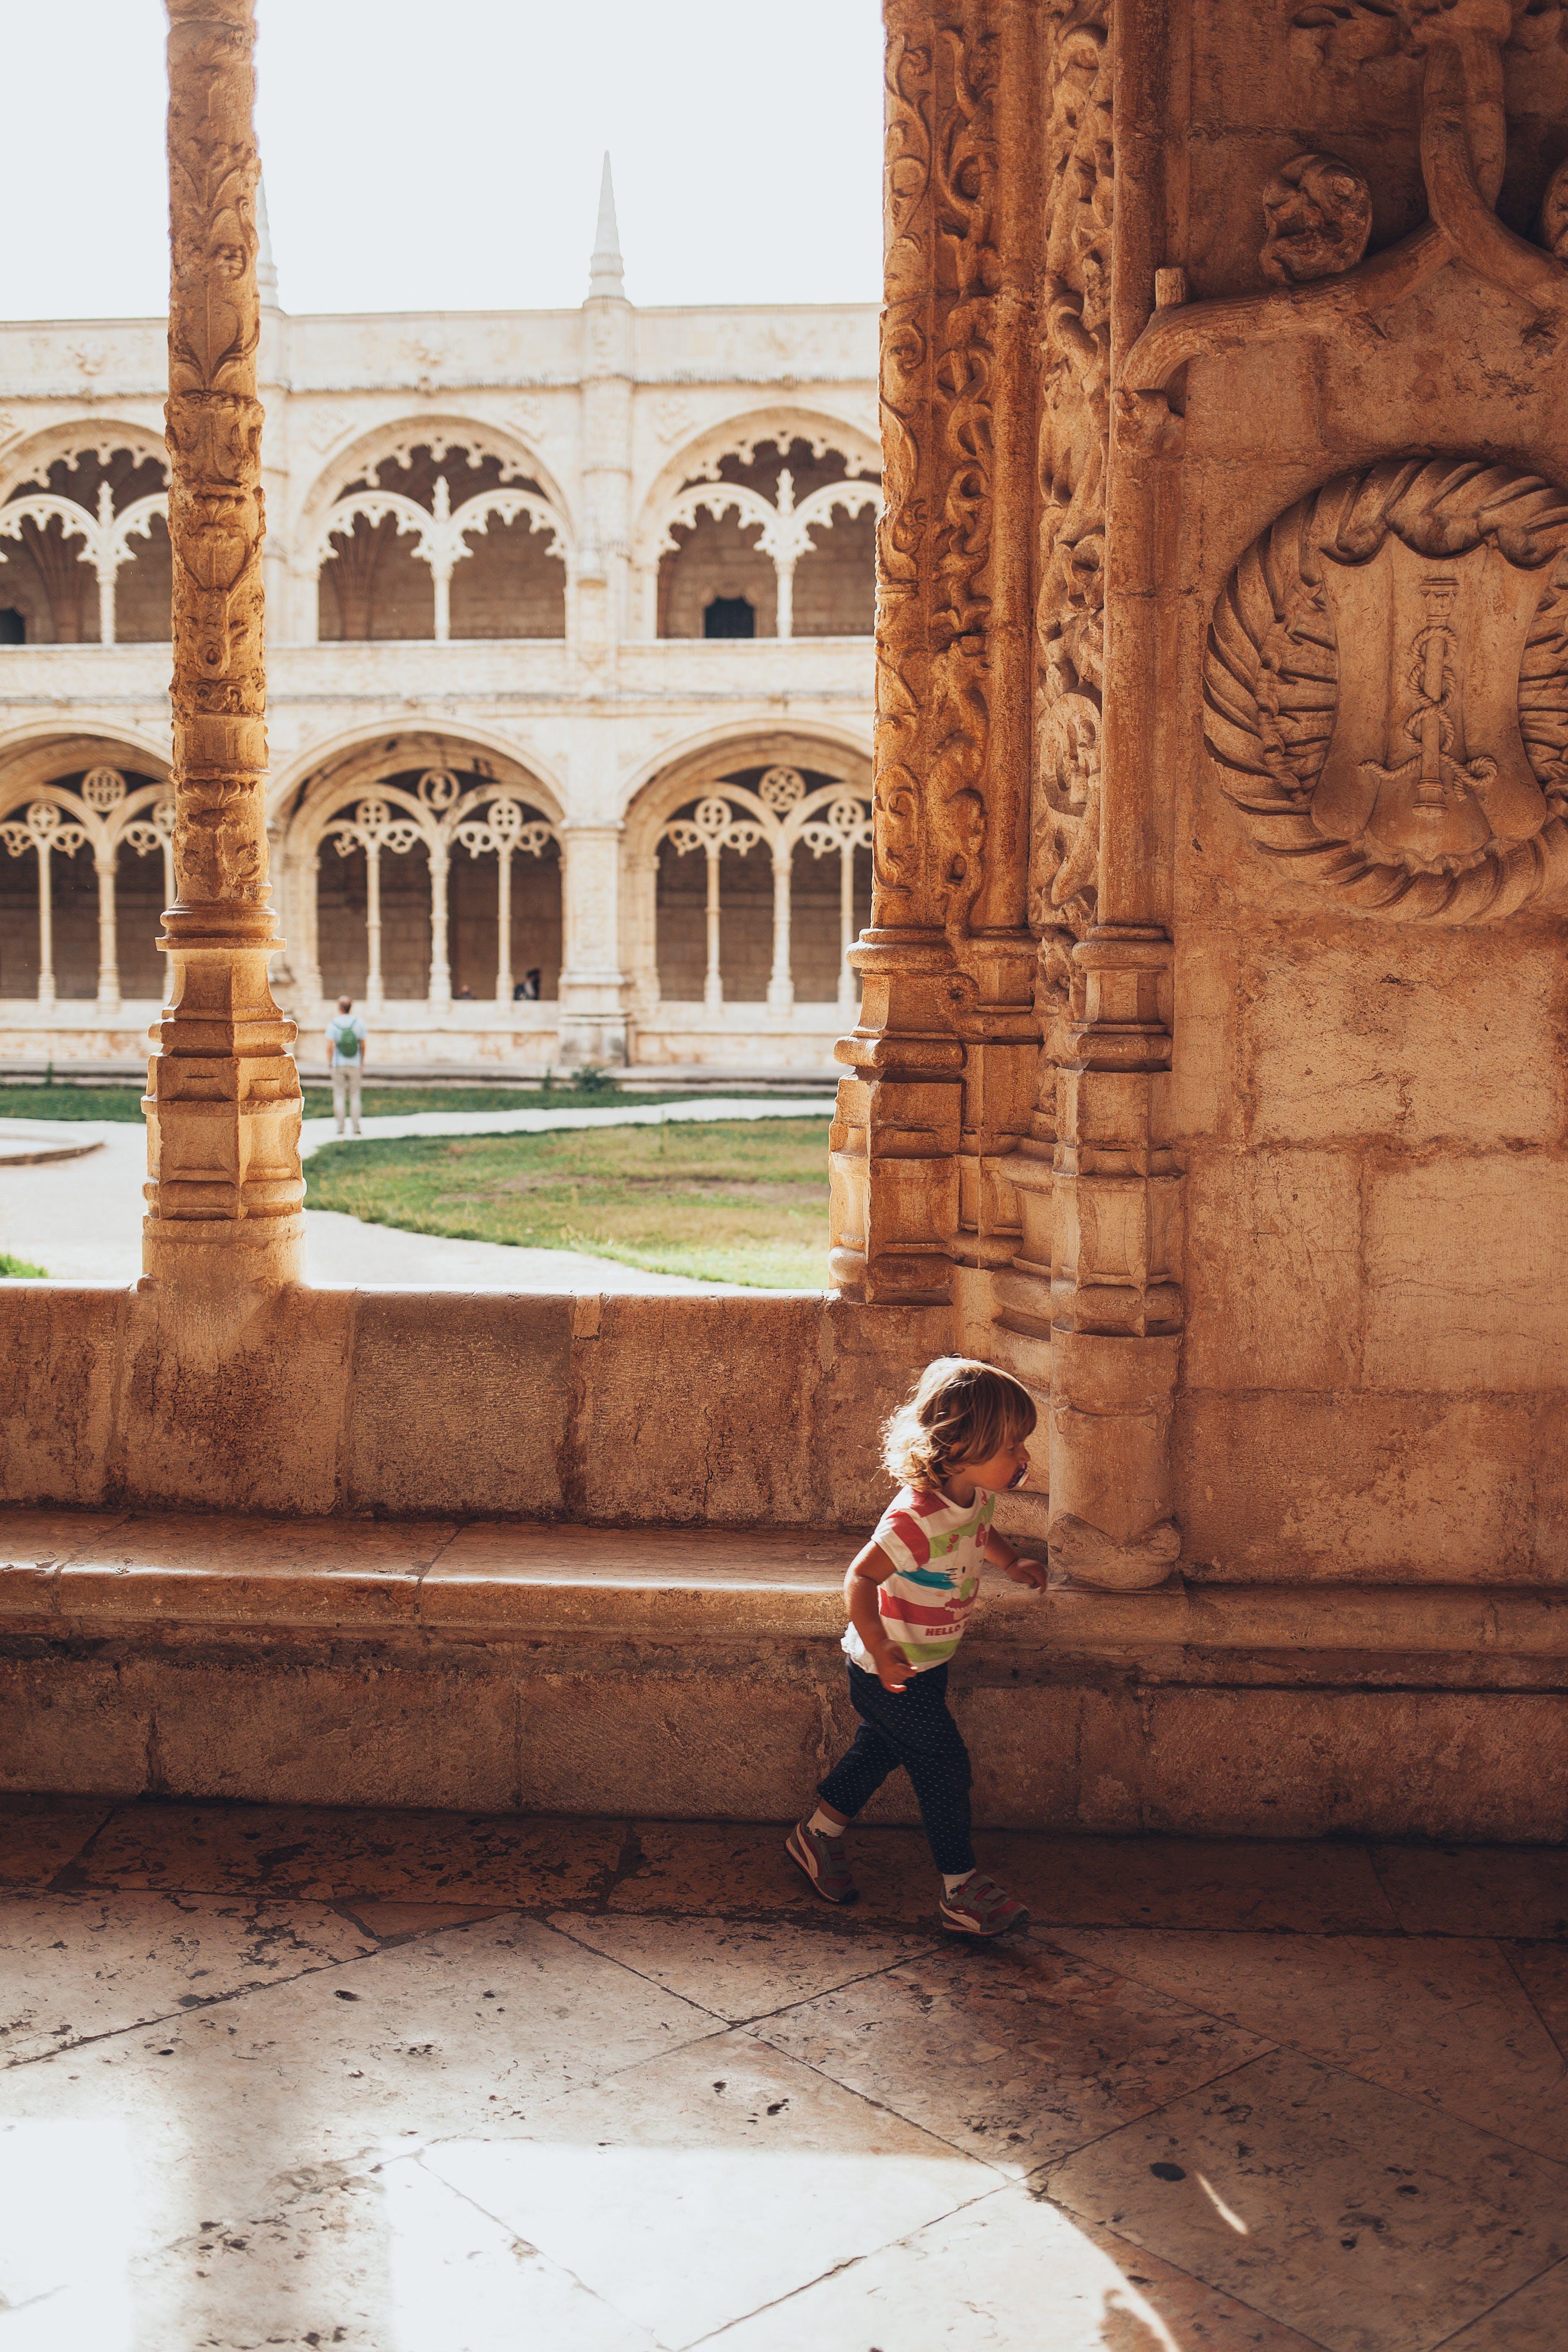 Gratis stockfoto met architectuur, attractie, baby, beeld